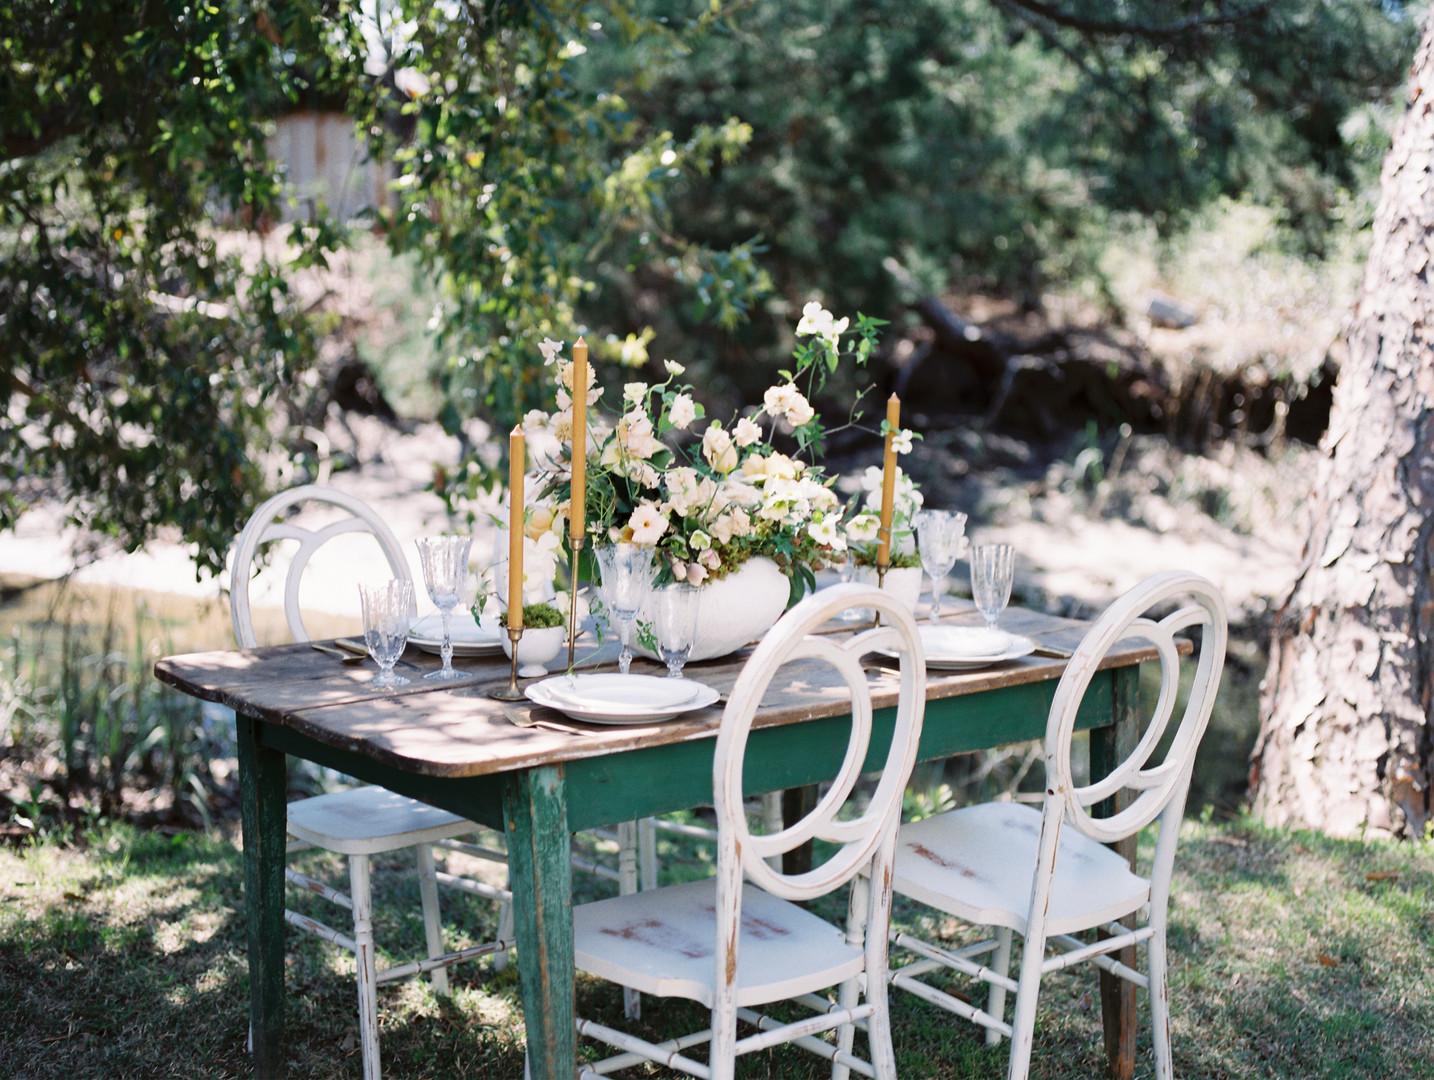 tybee-island-wedding-chapel-50.jpg